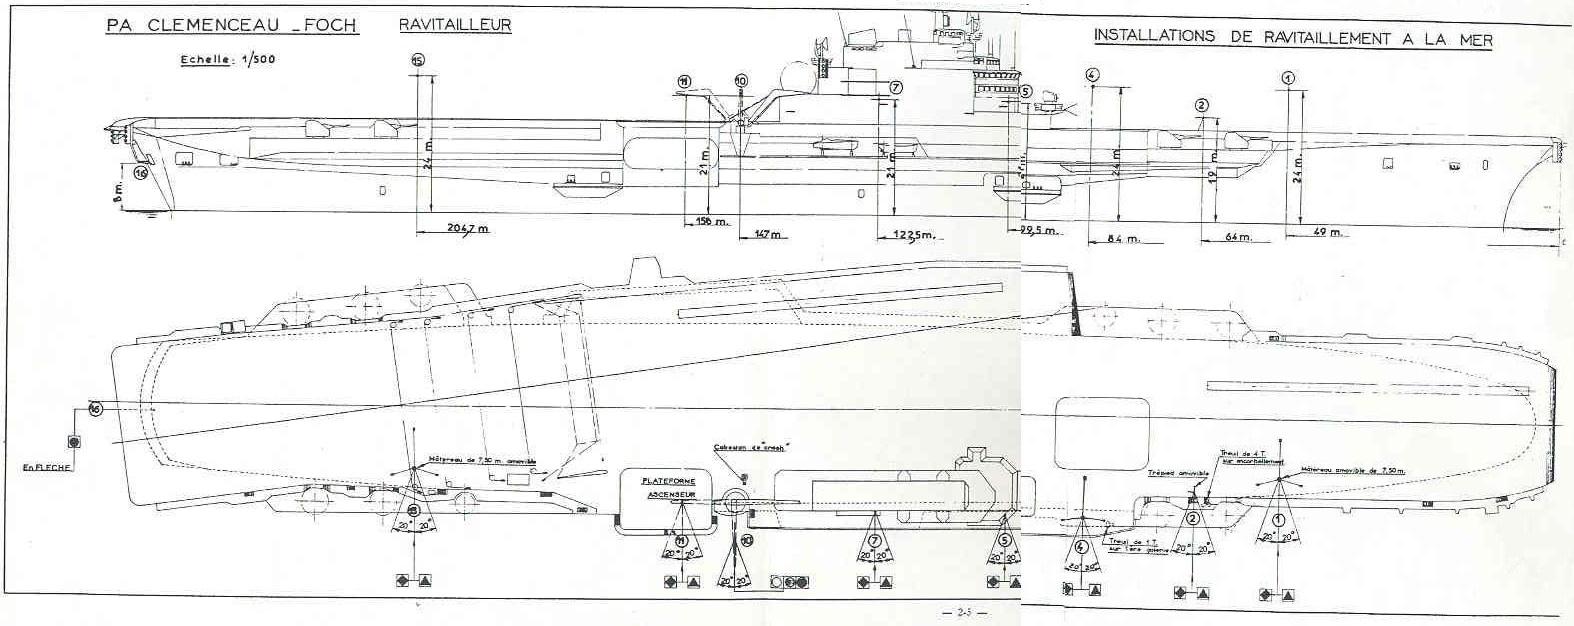 Les ravitailleurs (en combustible) non spécialisés. - Page 6 Ravit010